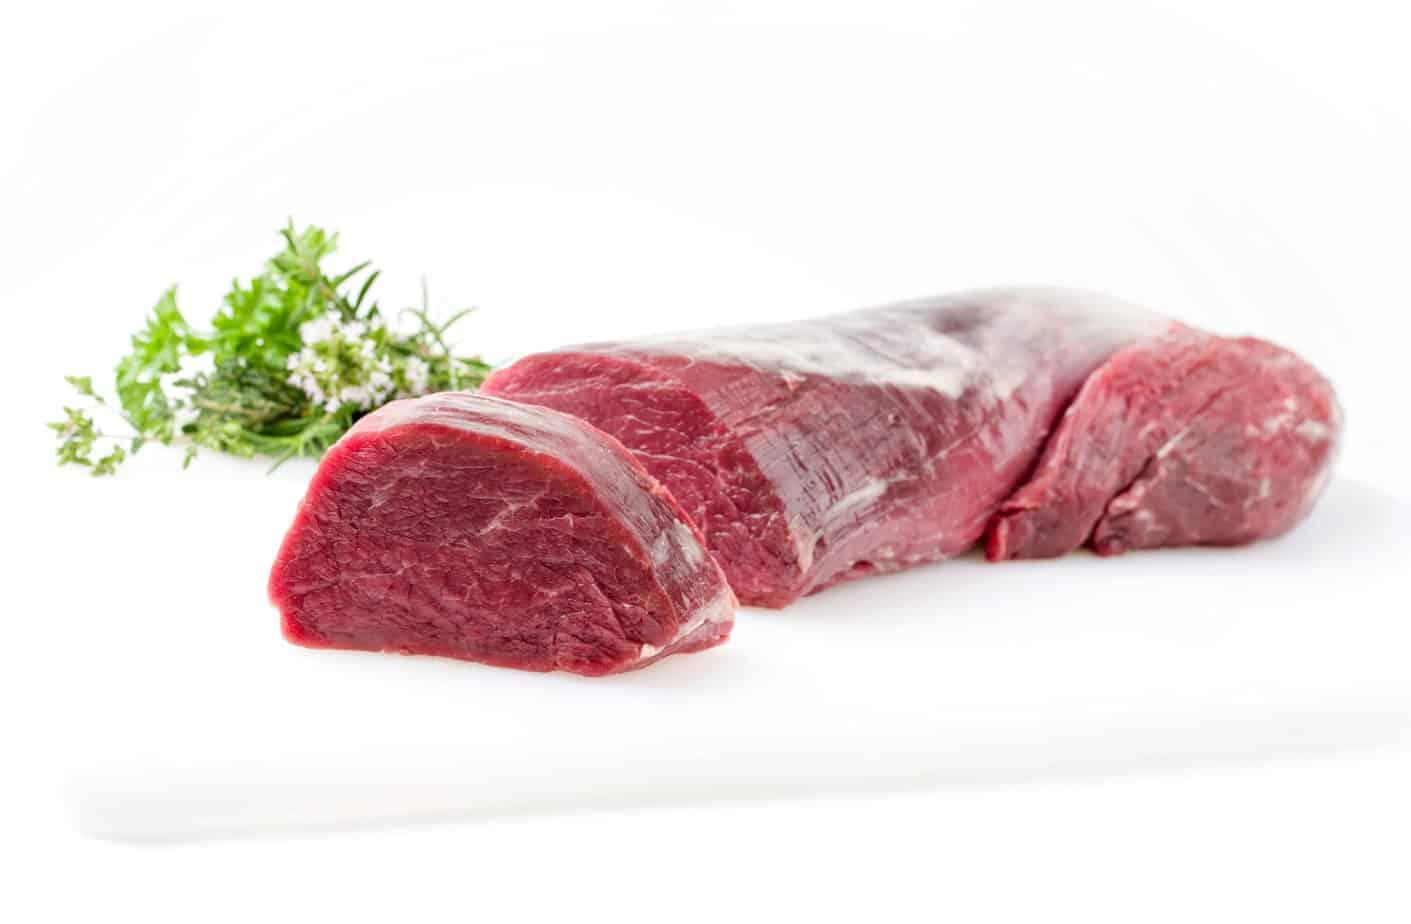 Rinderfilet Südamerika 4-5 lbs